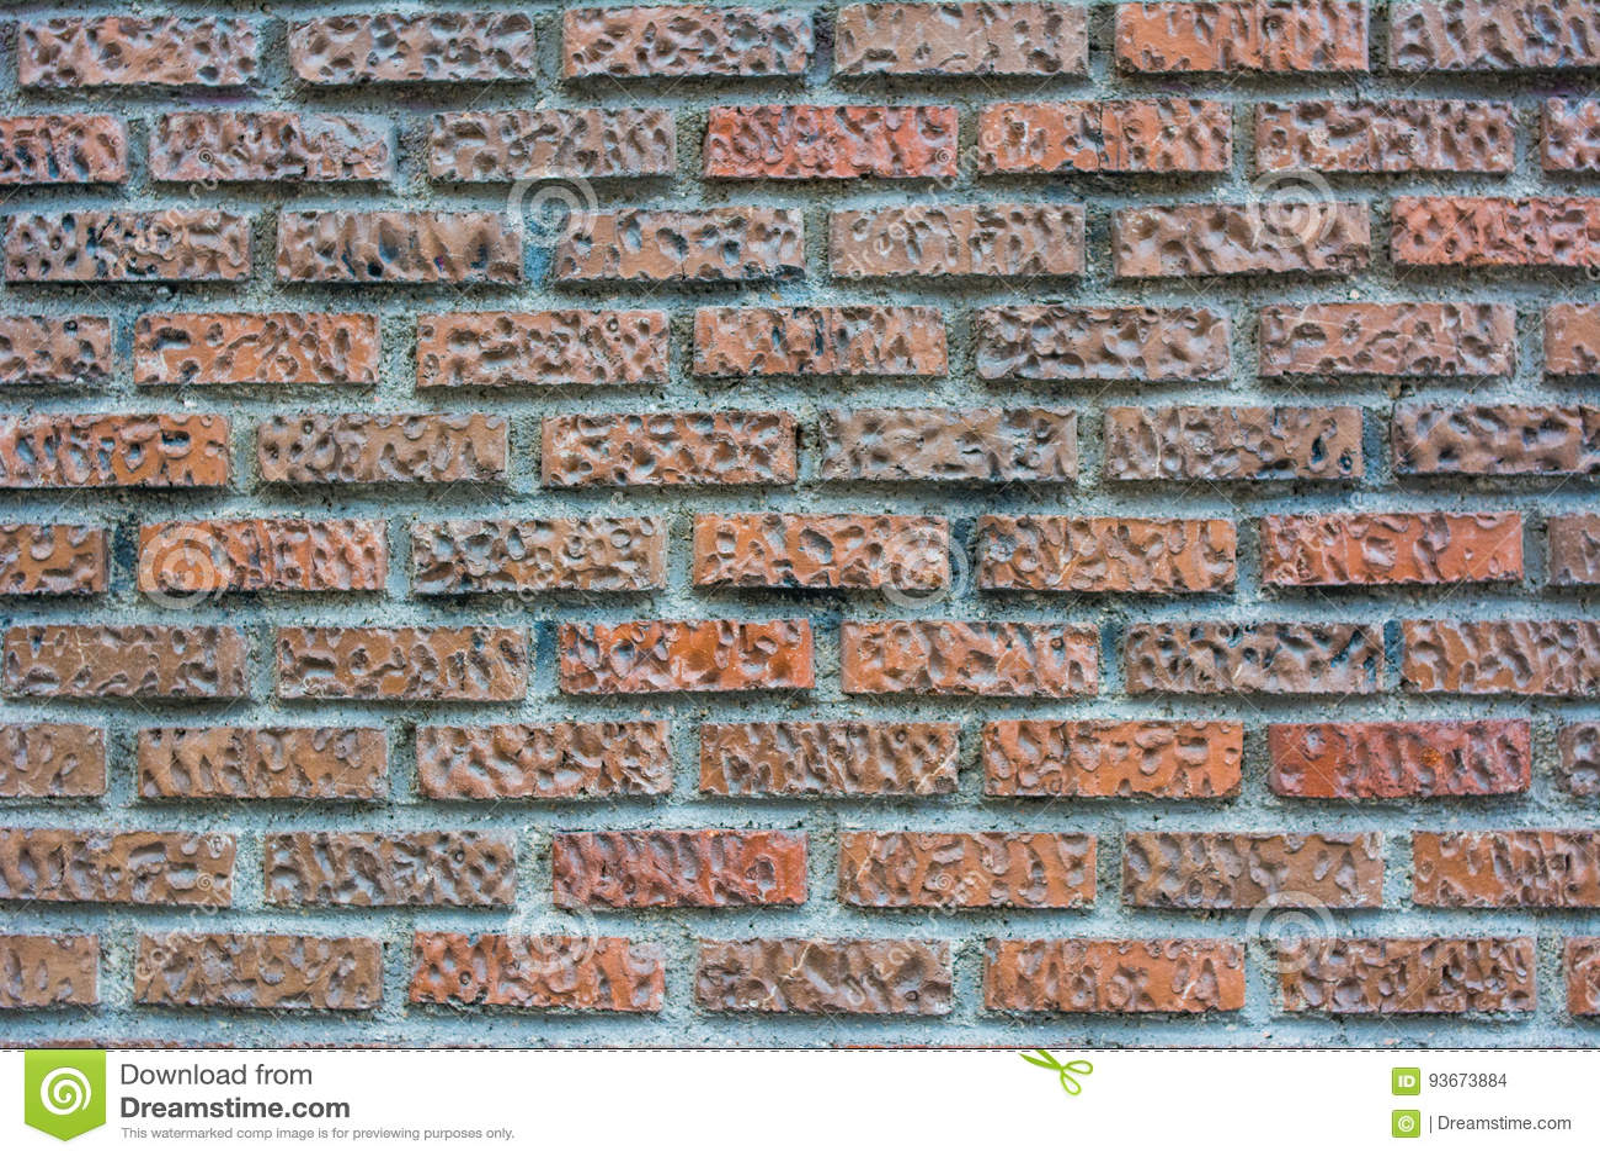 Hintergrund Der Alten Schmutzbacksteinmauerbeschaffenheit Stockfoto   Bild von kleber, altern ...